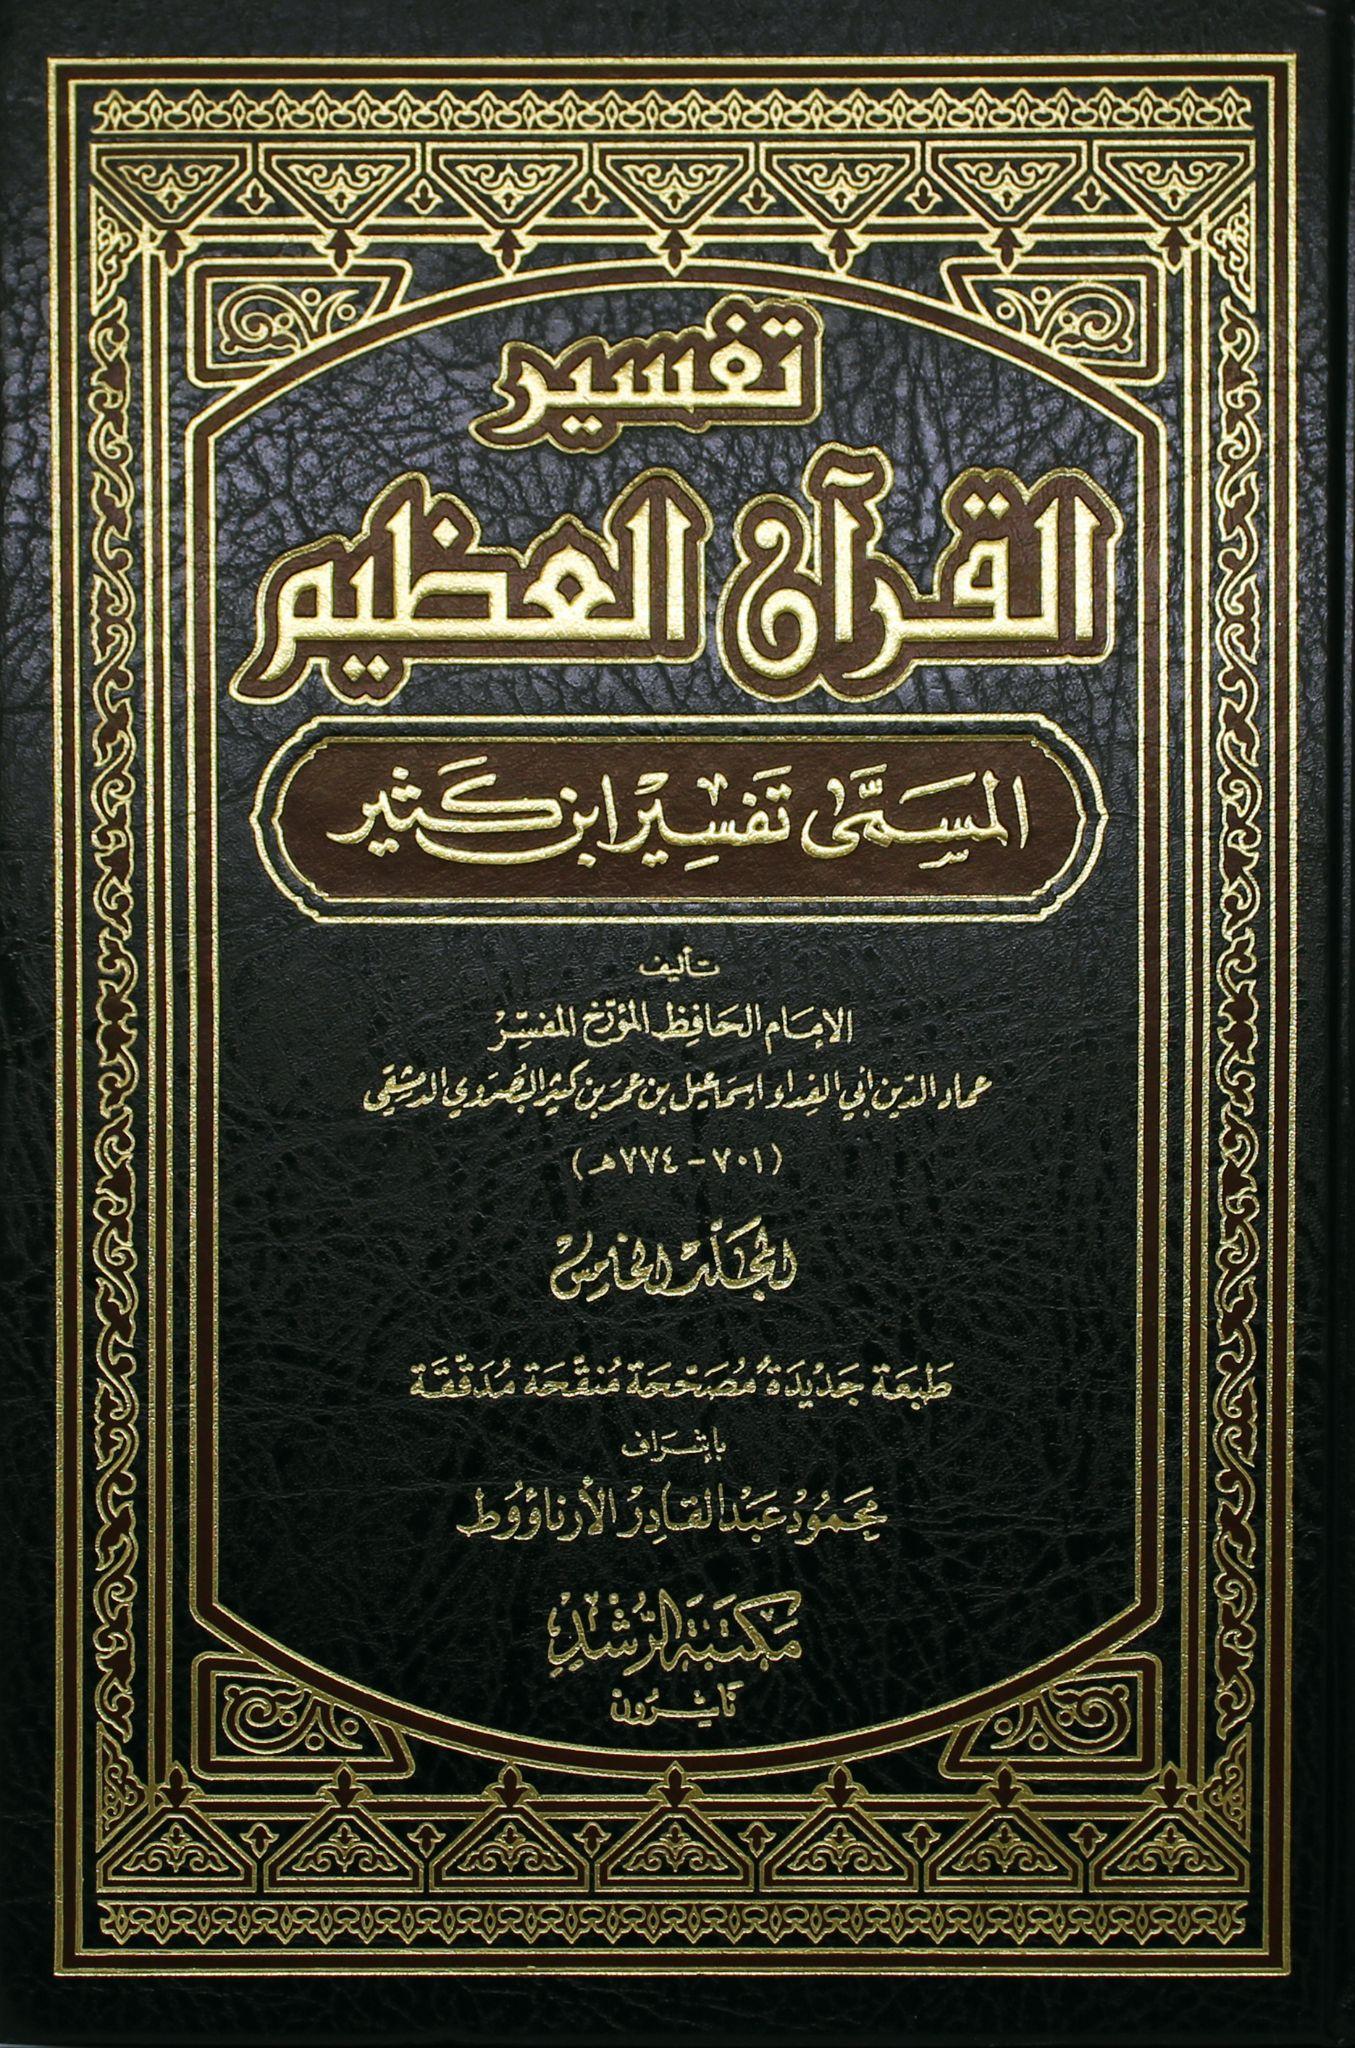 Photo of تحميل كتاب تفسير القرآن العظيم pdf  لـ ابن كثير